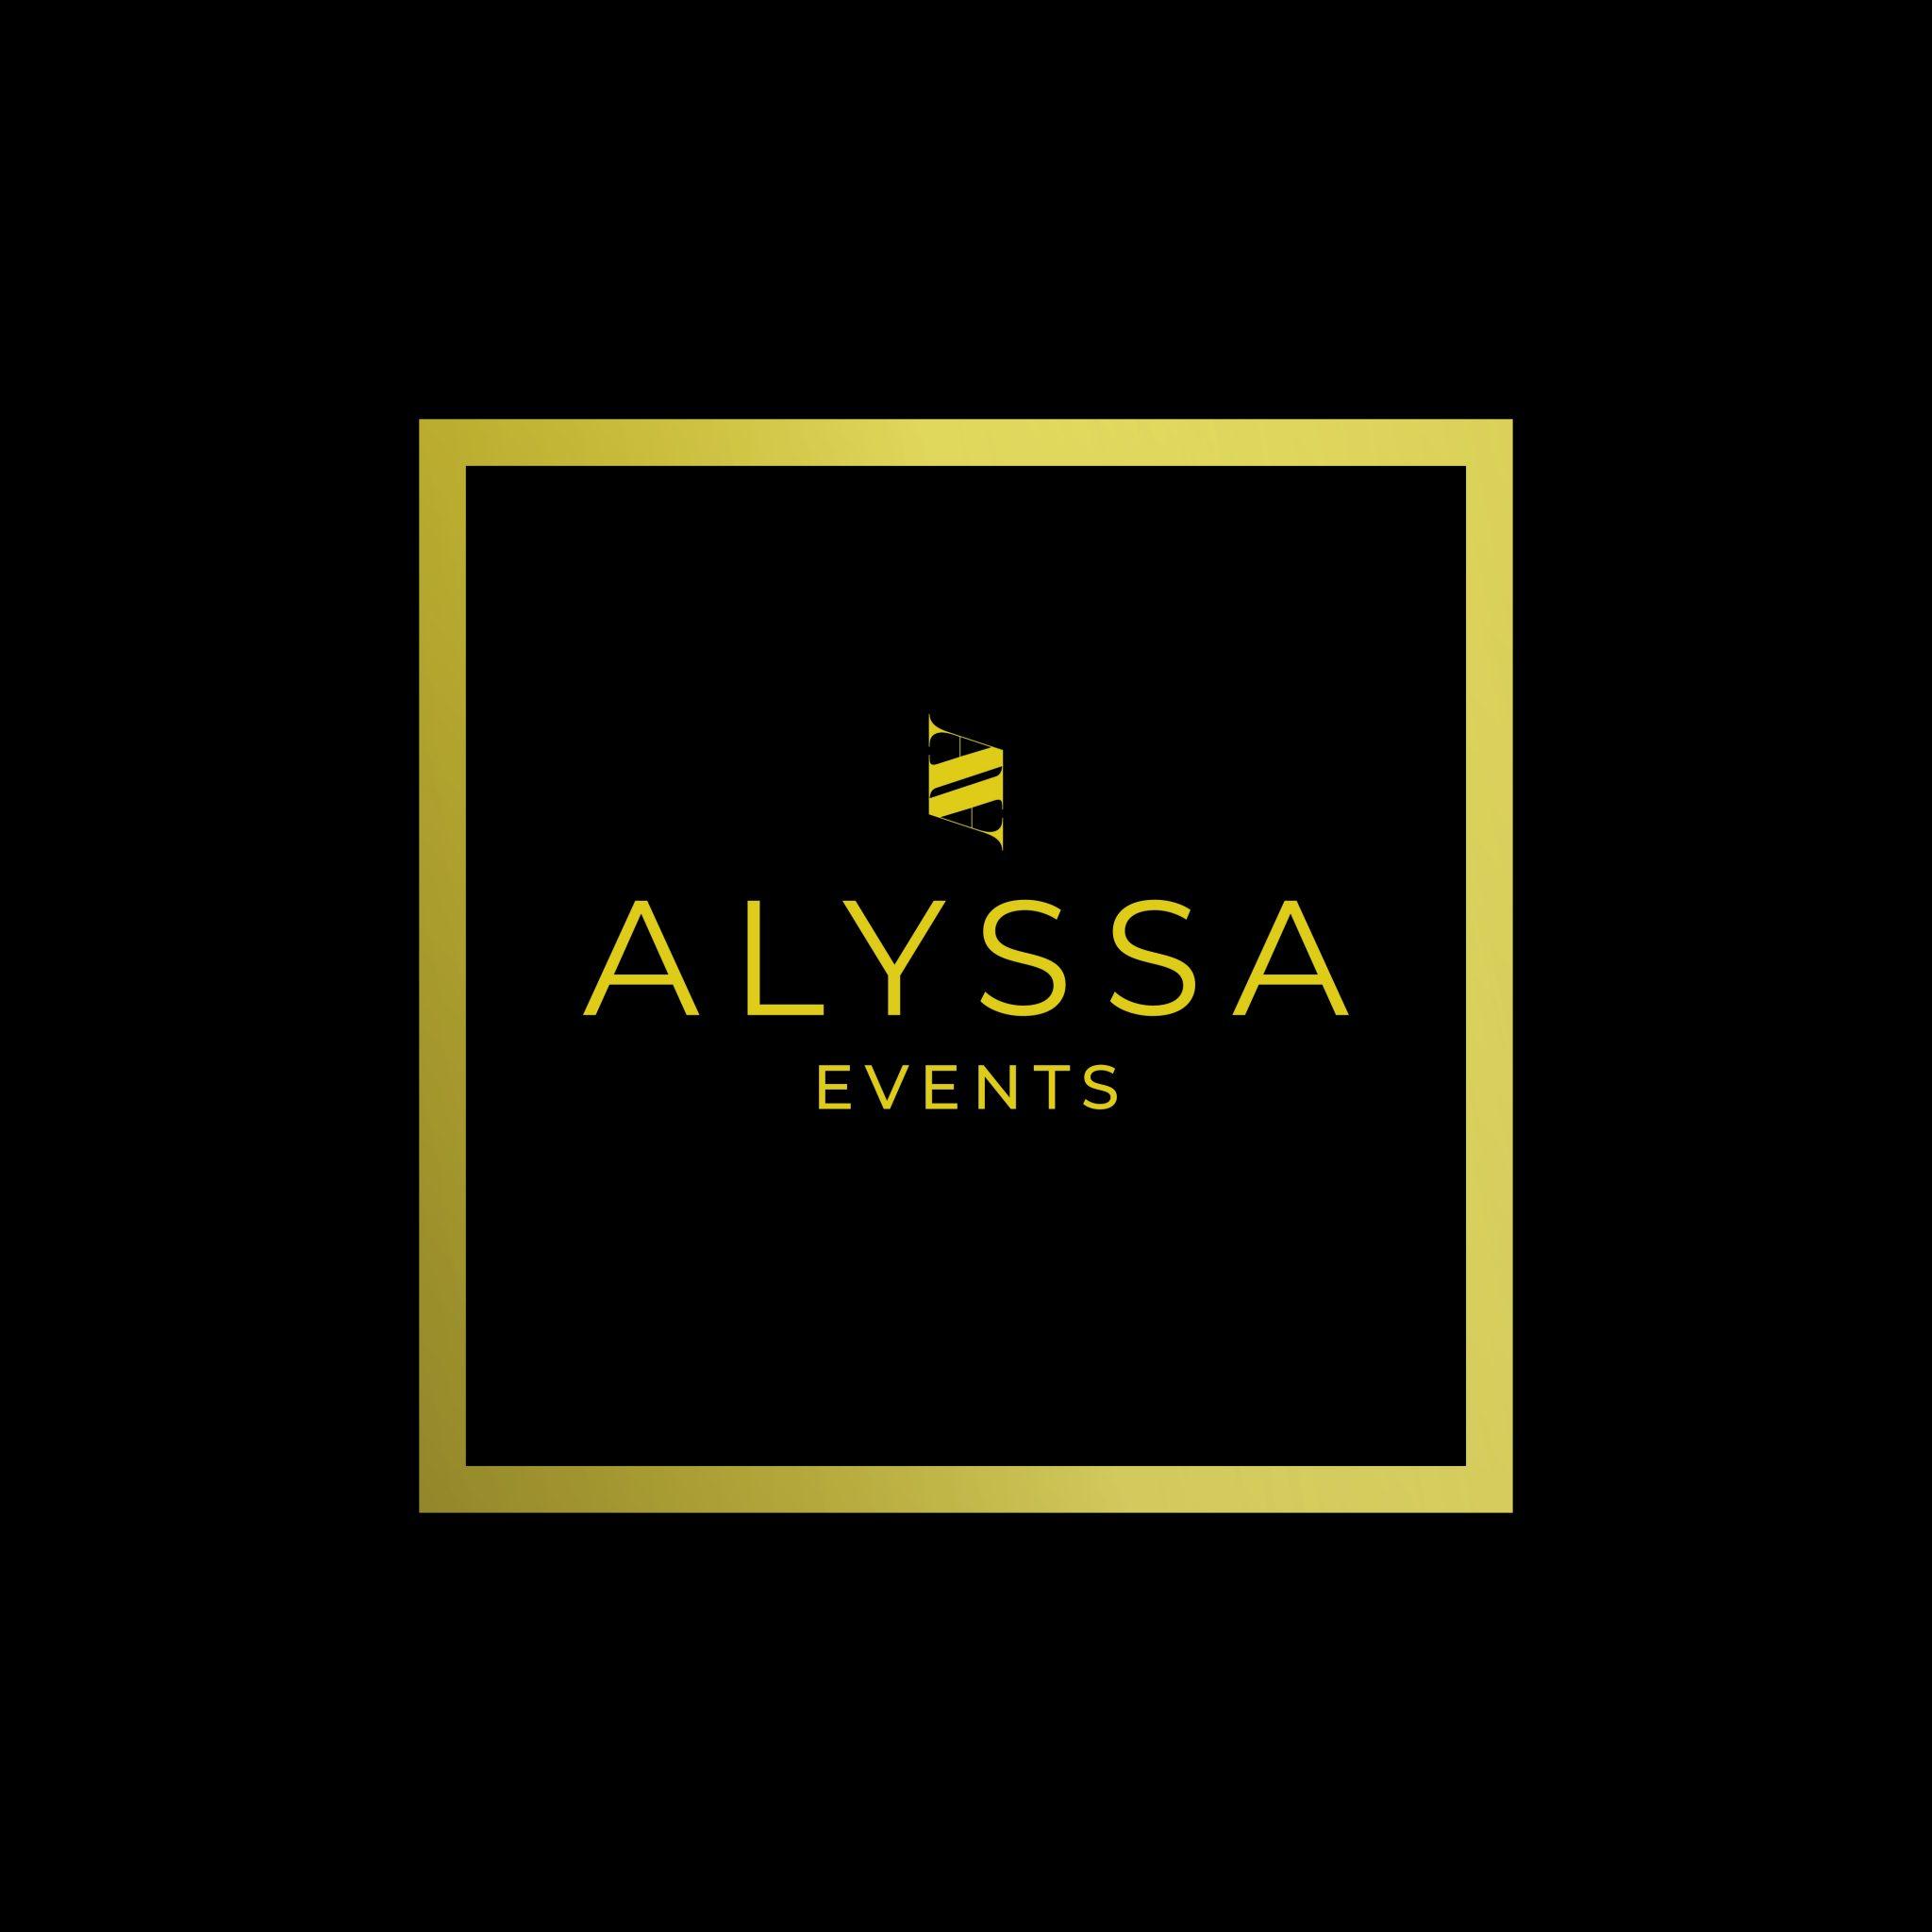 Alyssa events logo v4-01